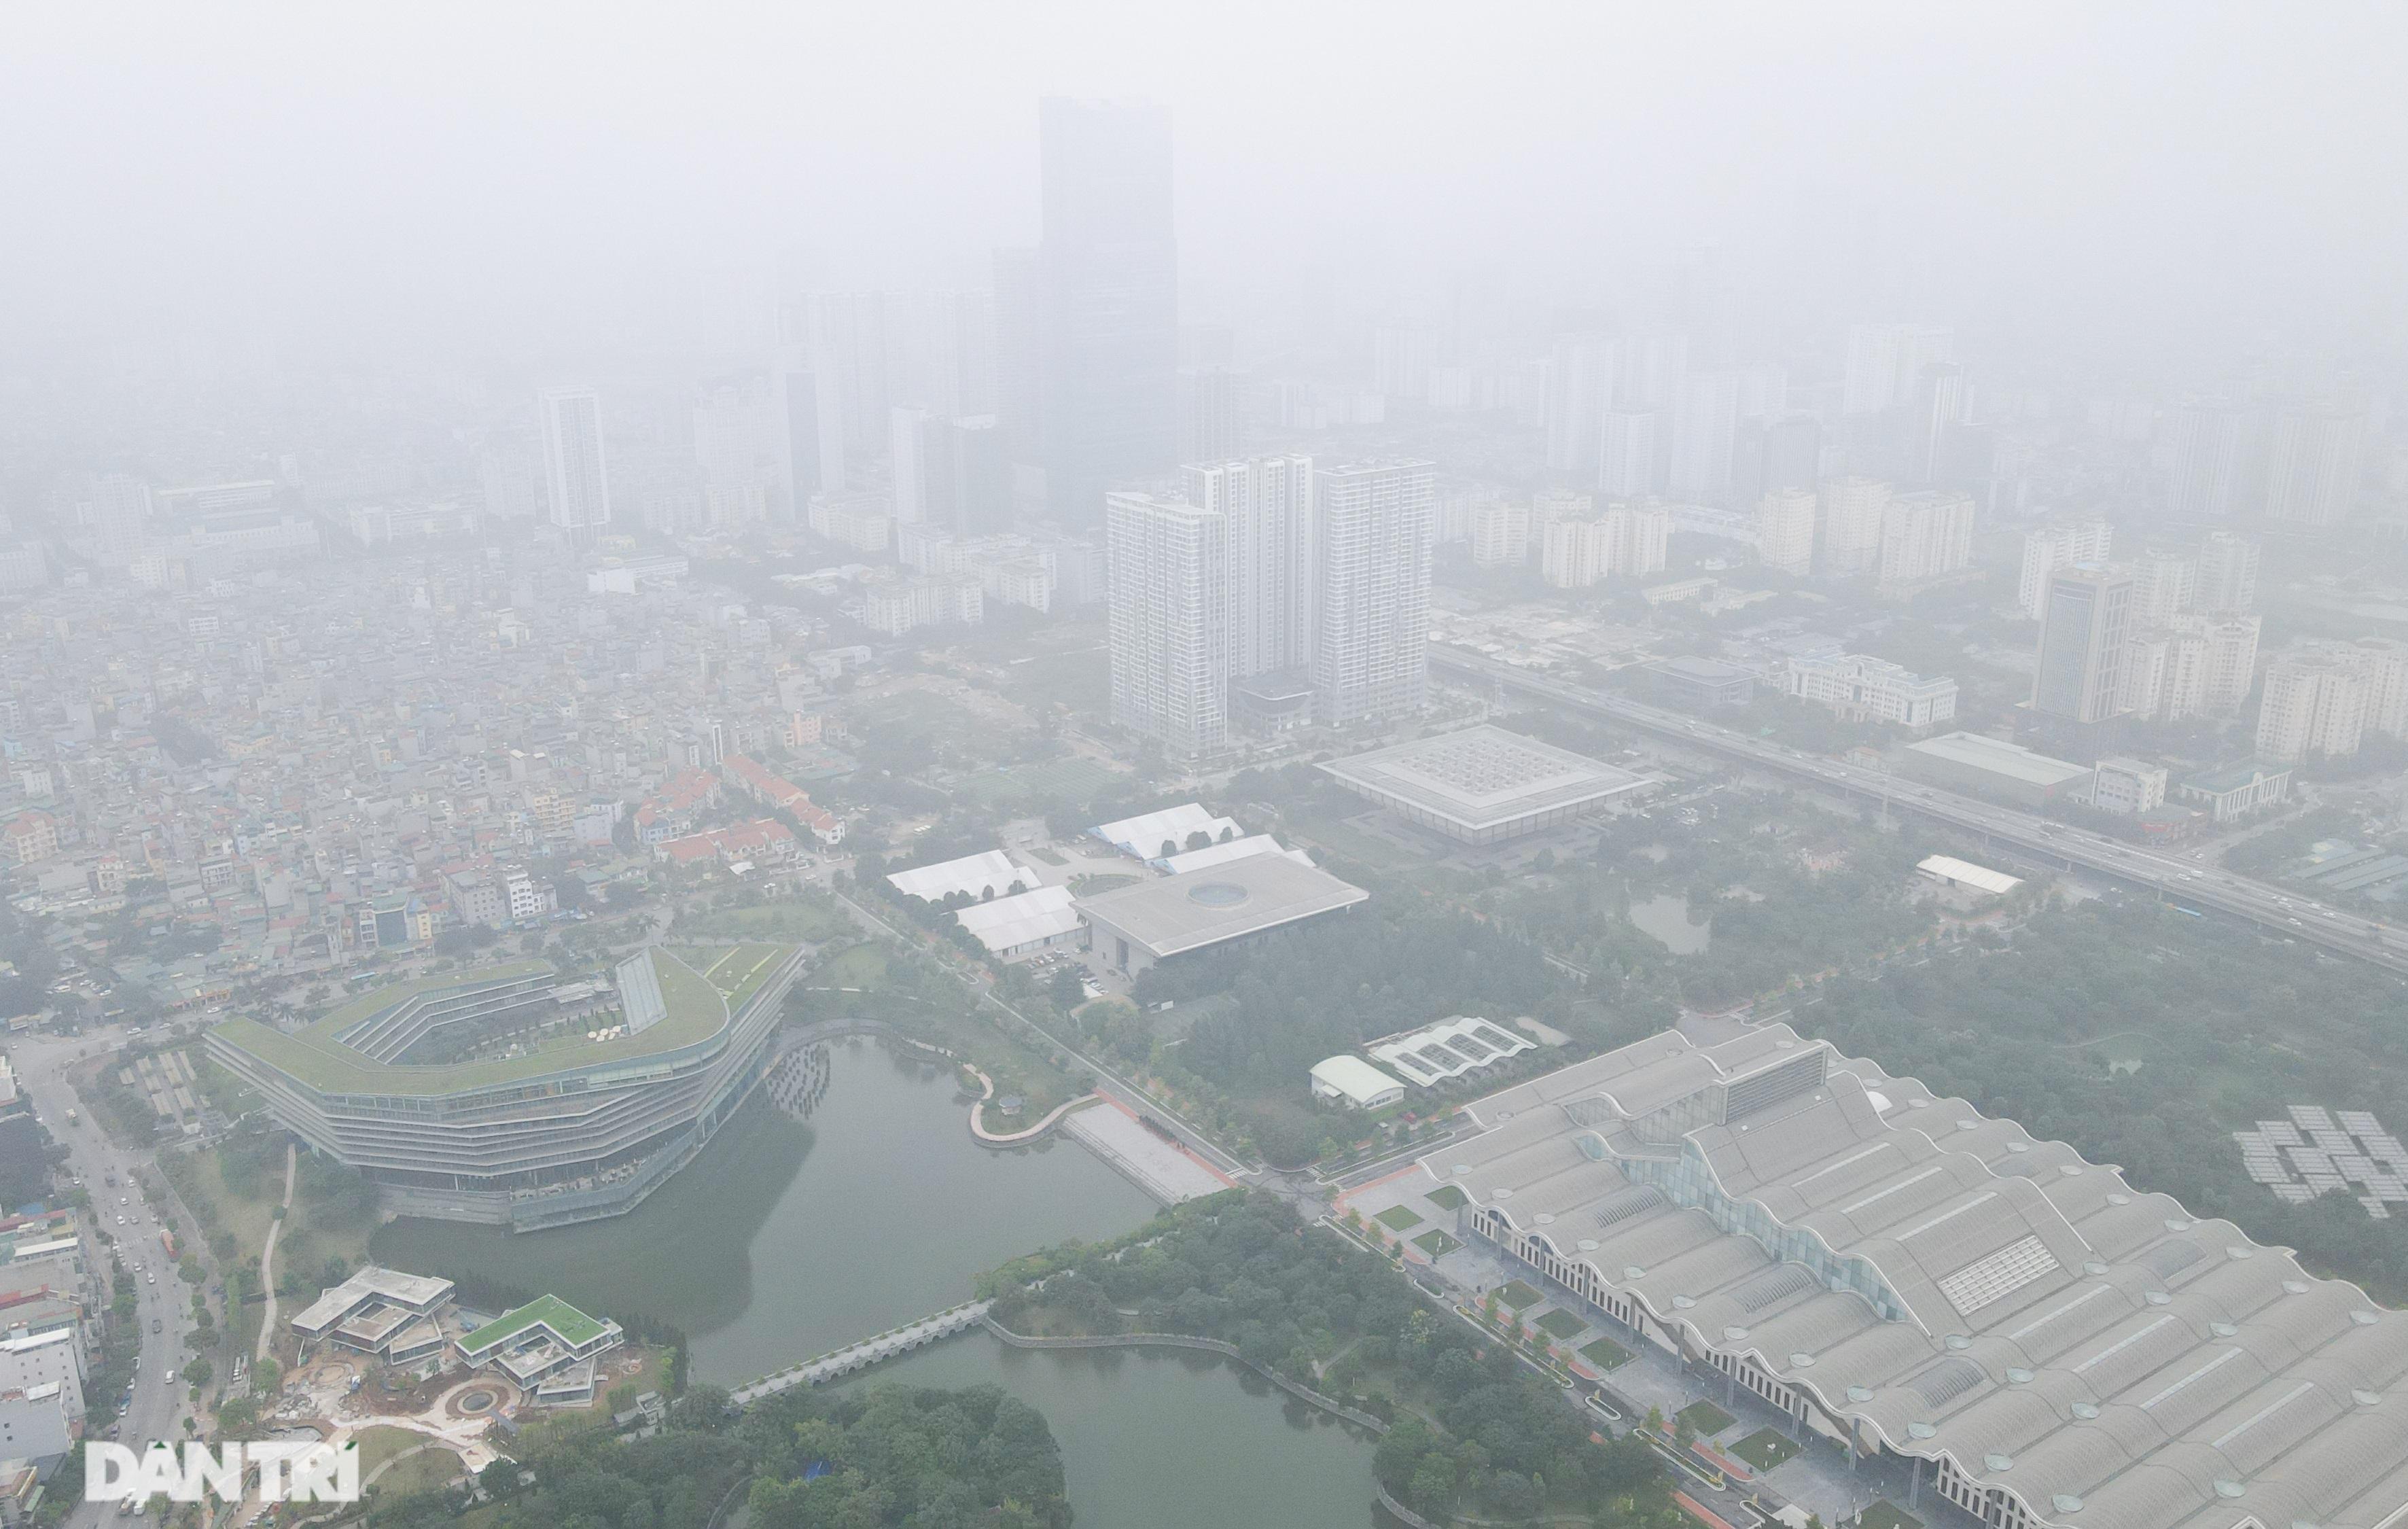 Xuất hiện hiện tượng nghịch nhiệt, Hà Nội chìm trong màn sương đục - 5